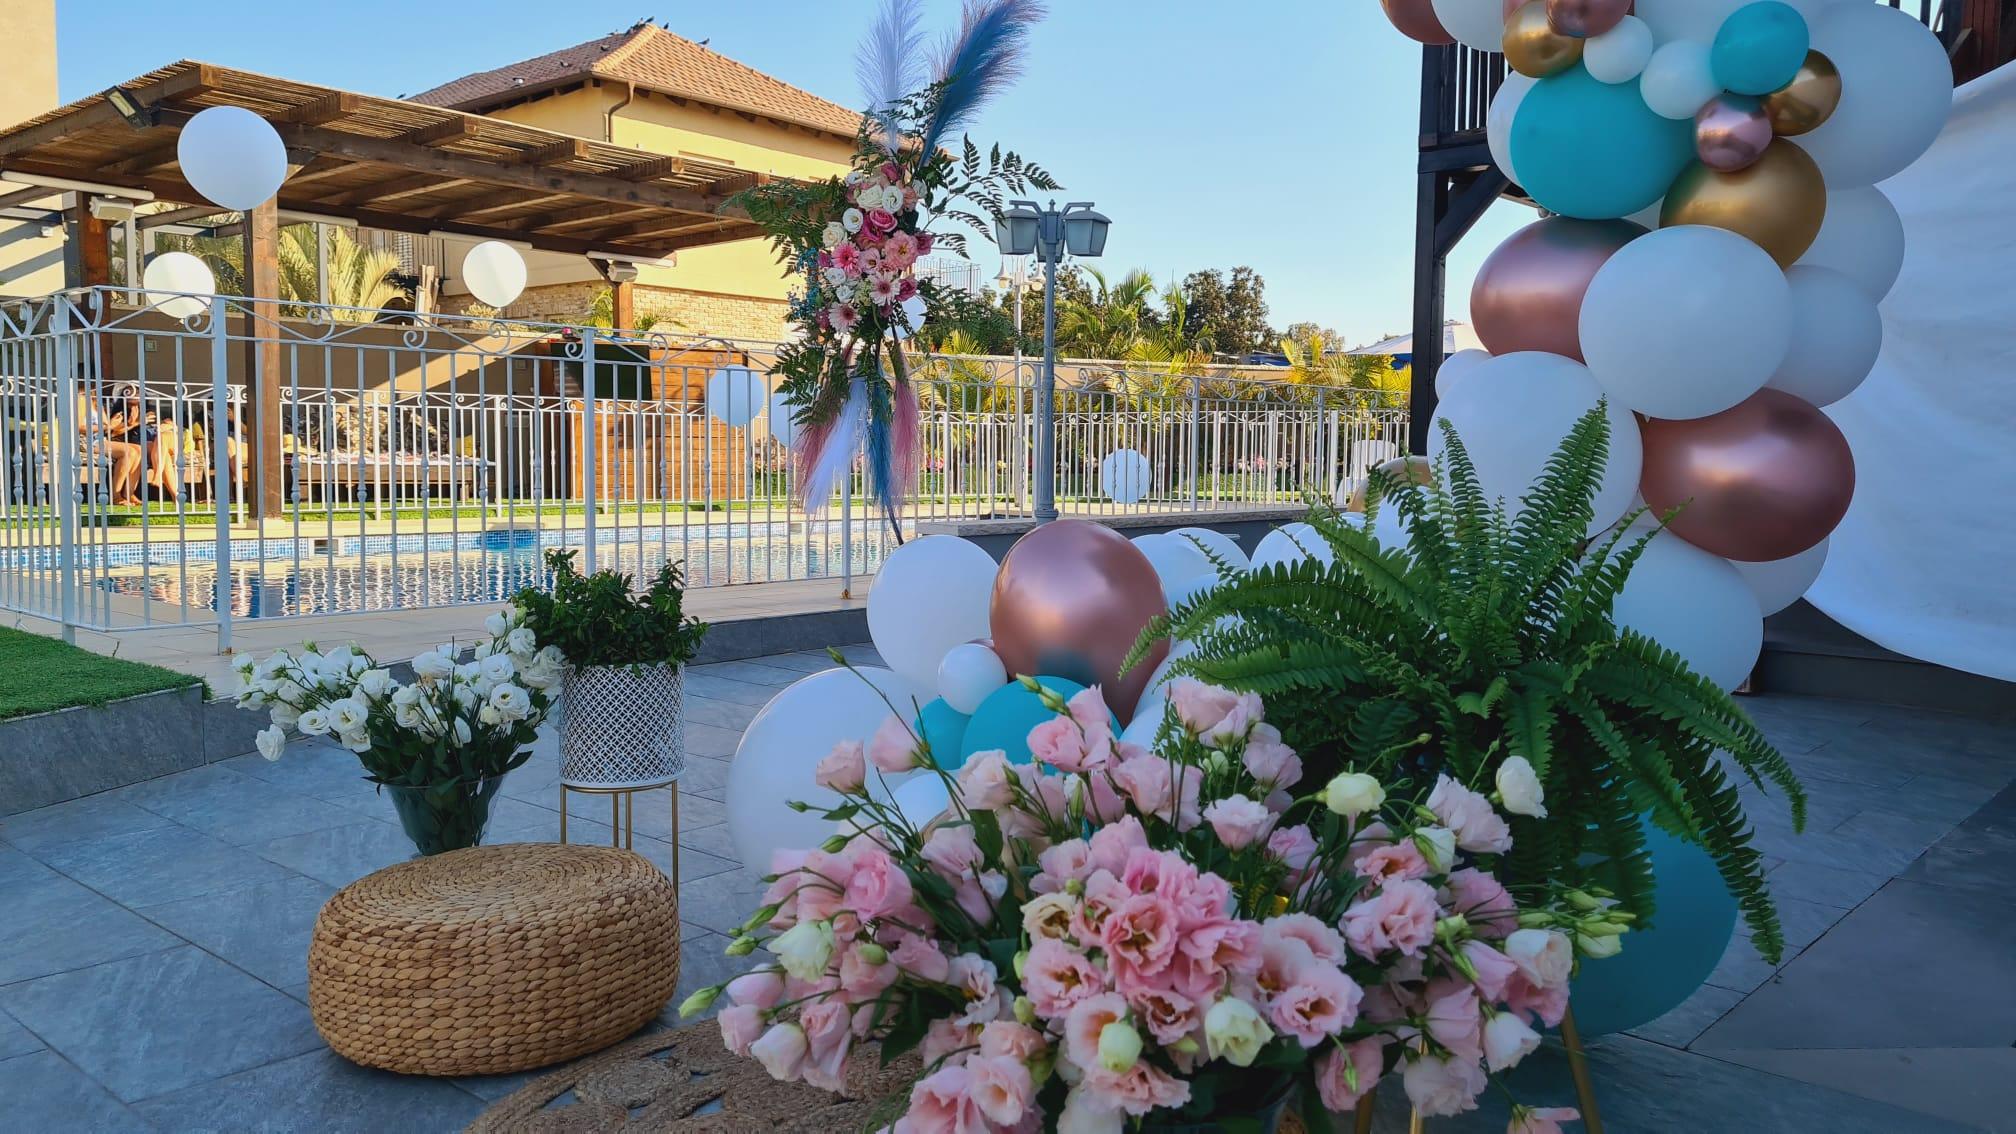 רויתא סידור פרחים ובלונים - תמונה ראשית